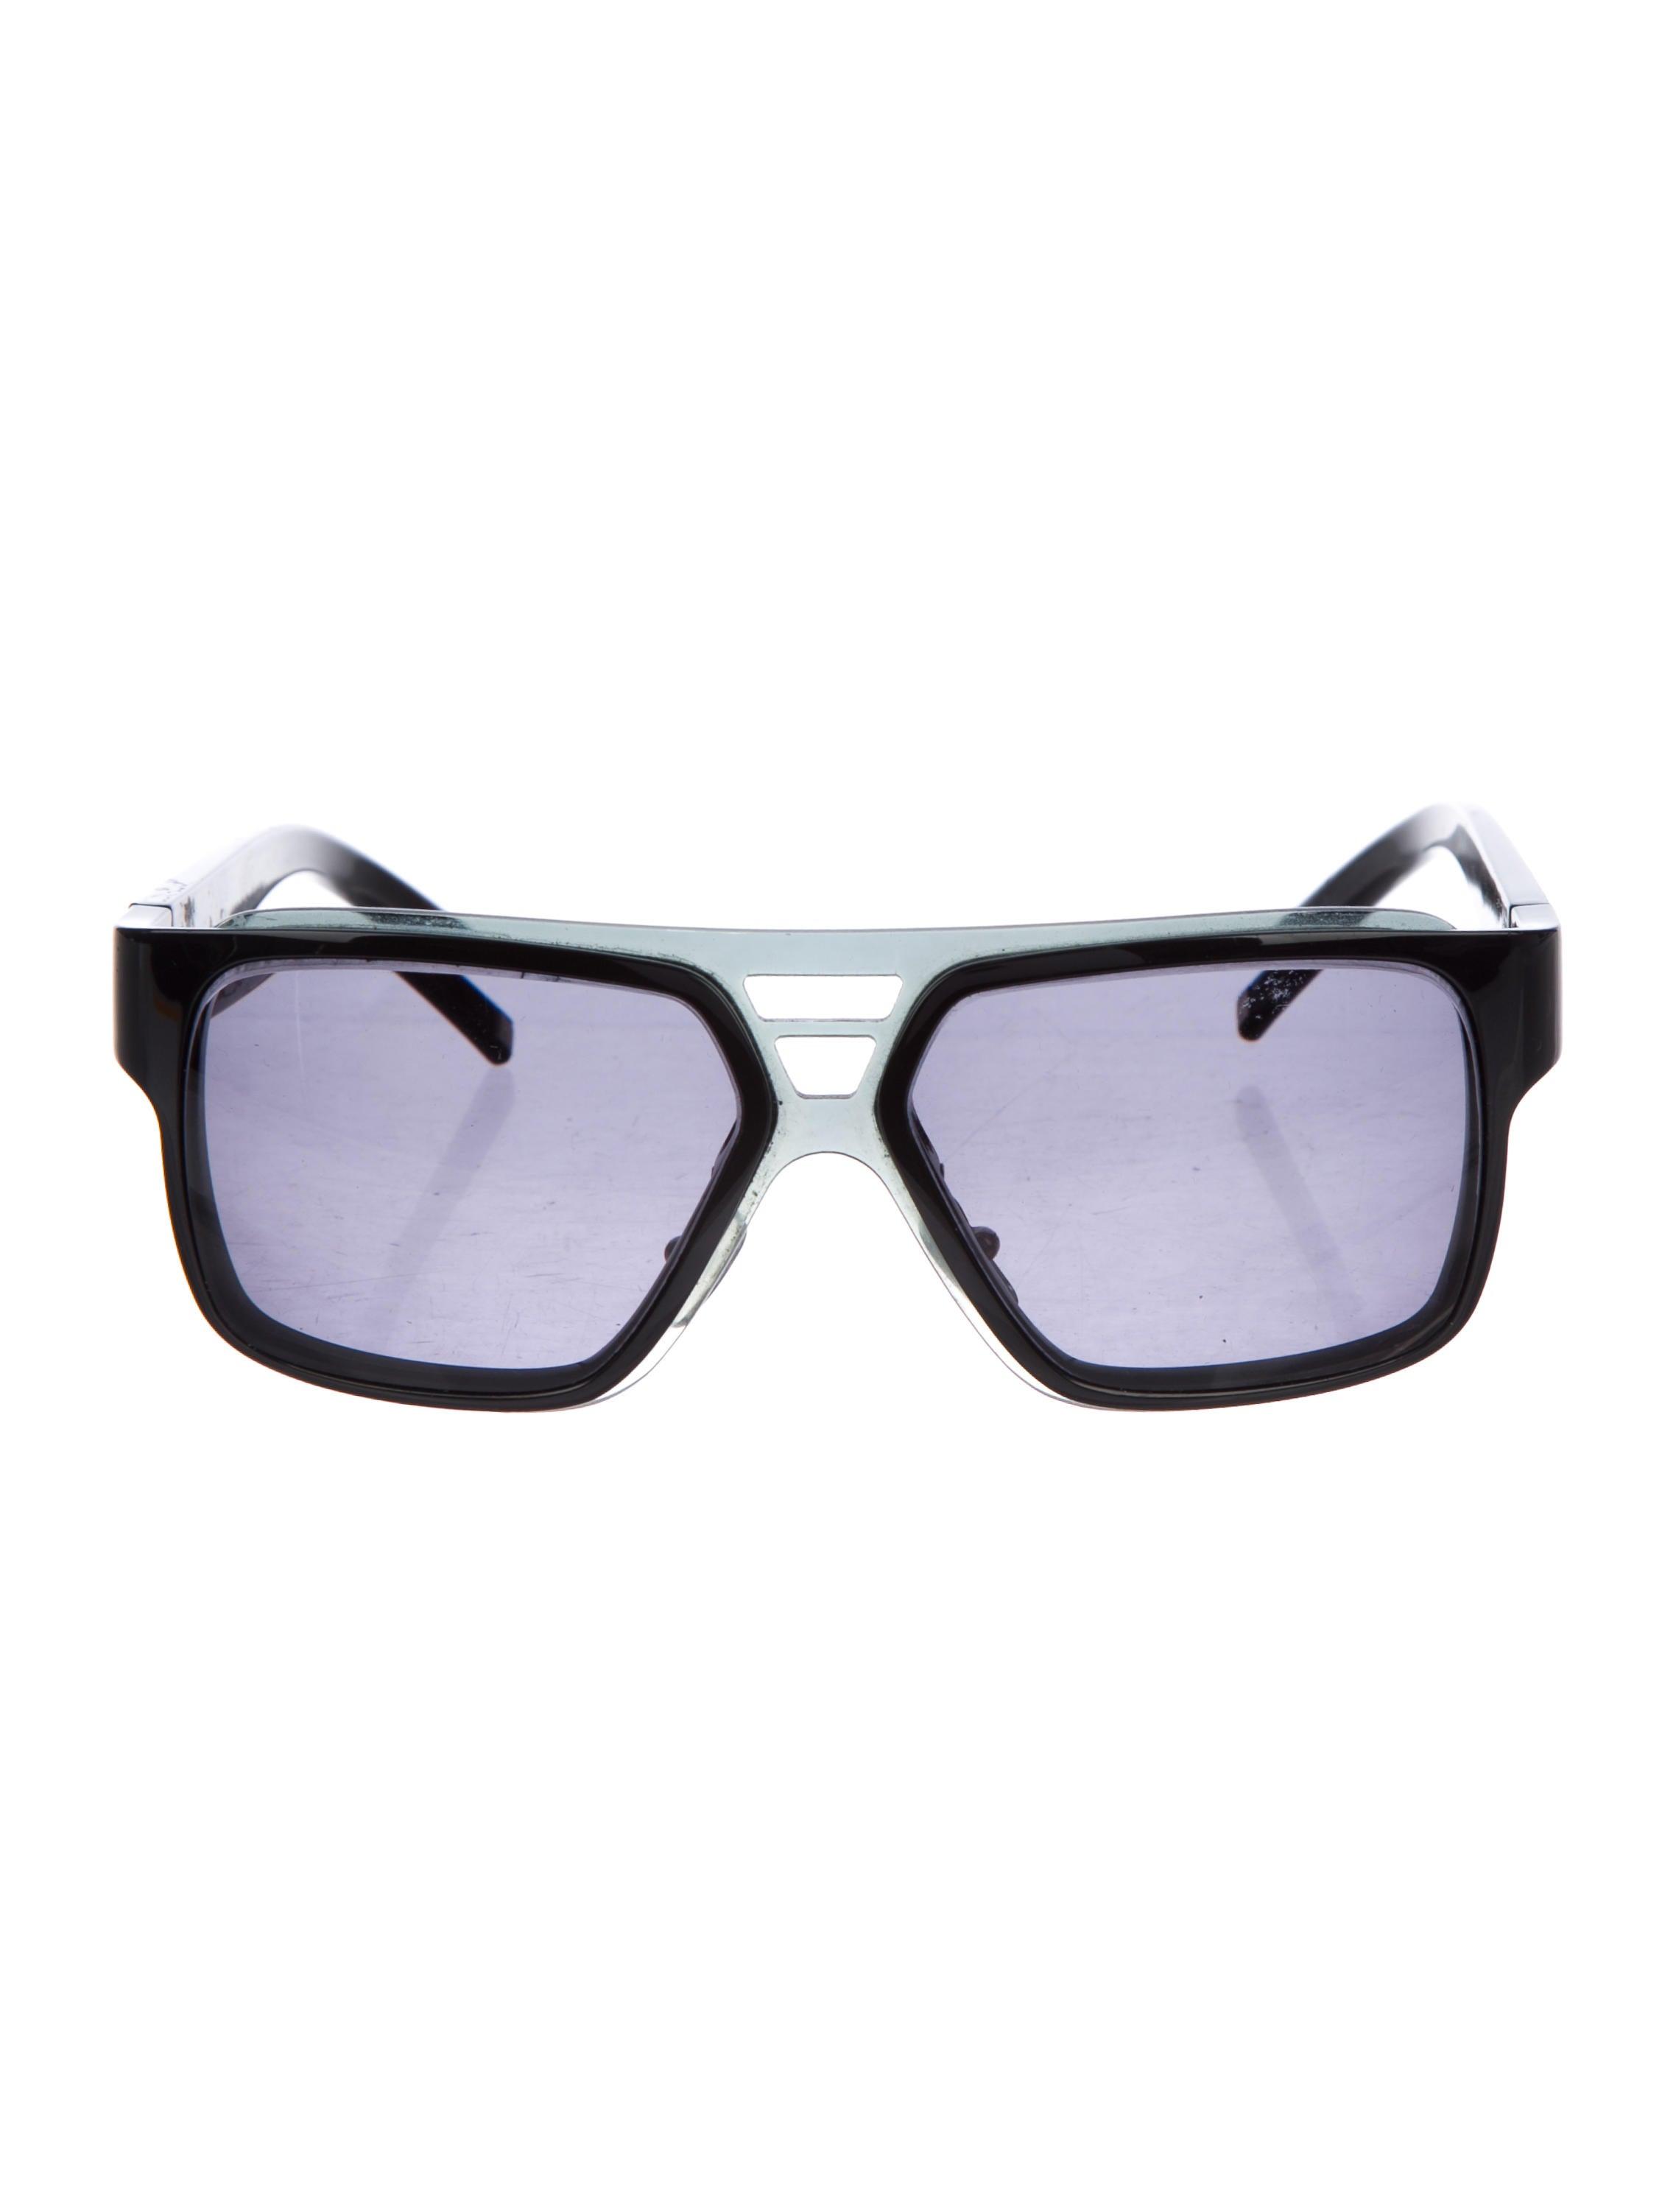 8b4ab74d9e06e Louis Vuitton Enigme GM Sunglasses - Accessories - LOU160435